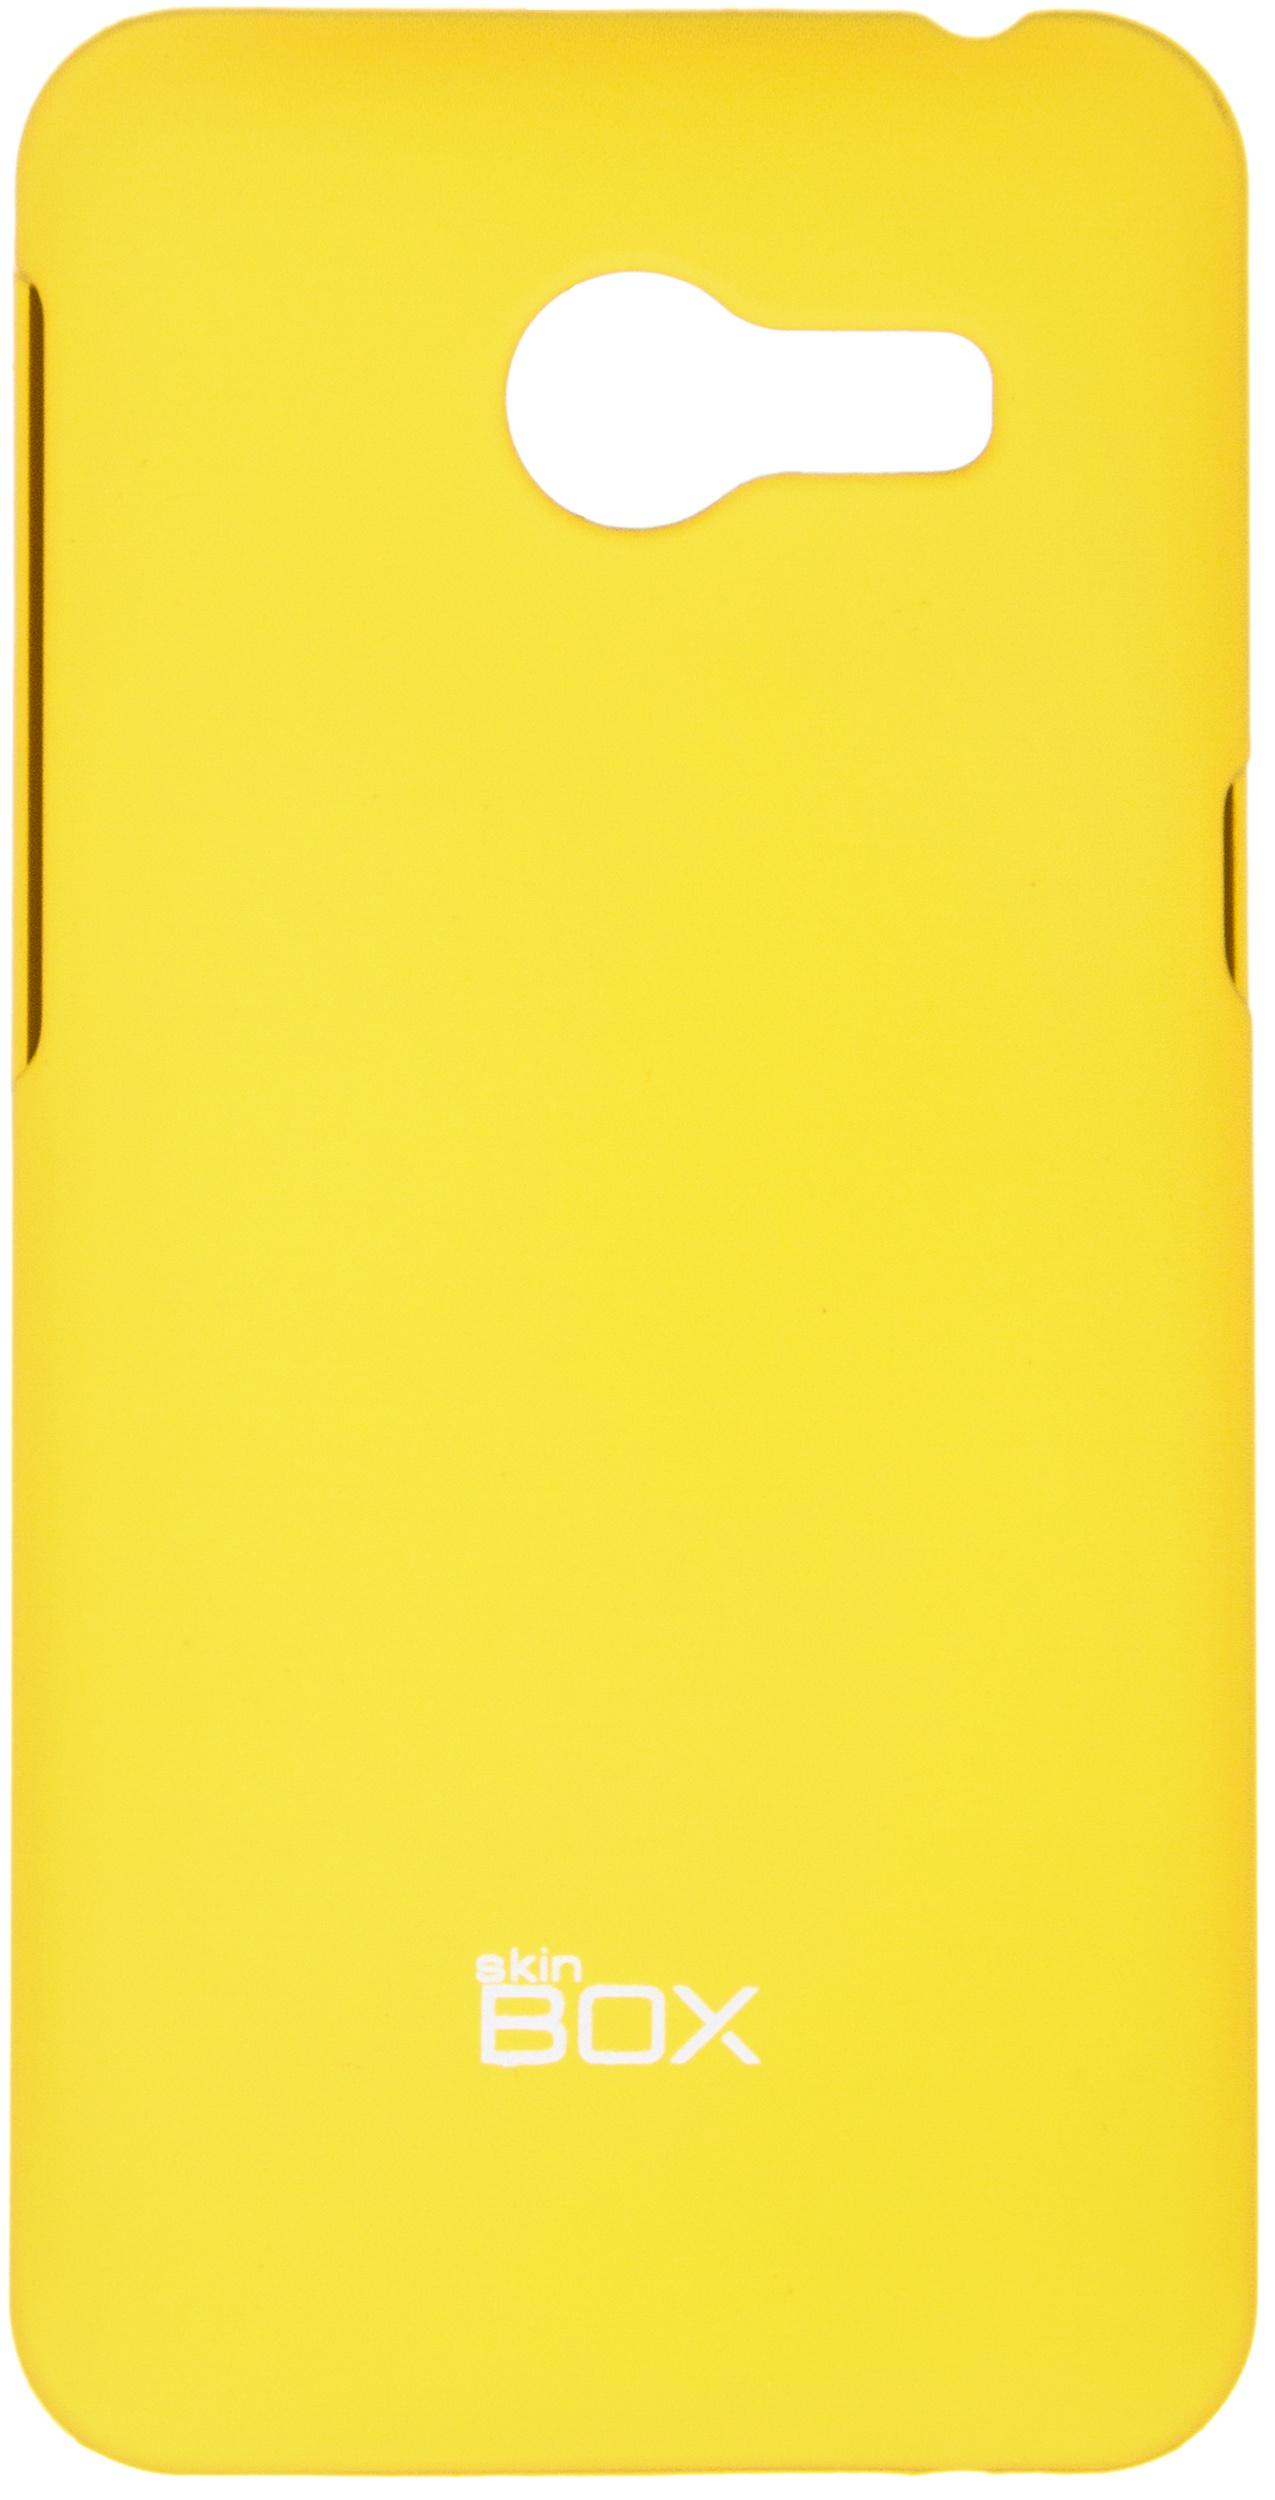 Накладка skinBOX для Asus A400CG, 2000000060859, желтый чехлы накладки для телефонов кпк asus a450cg zenfone4 a450cg 4 5